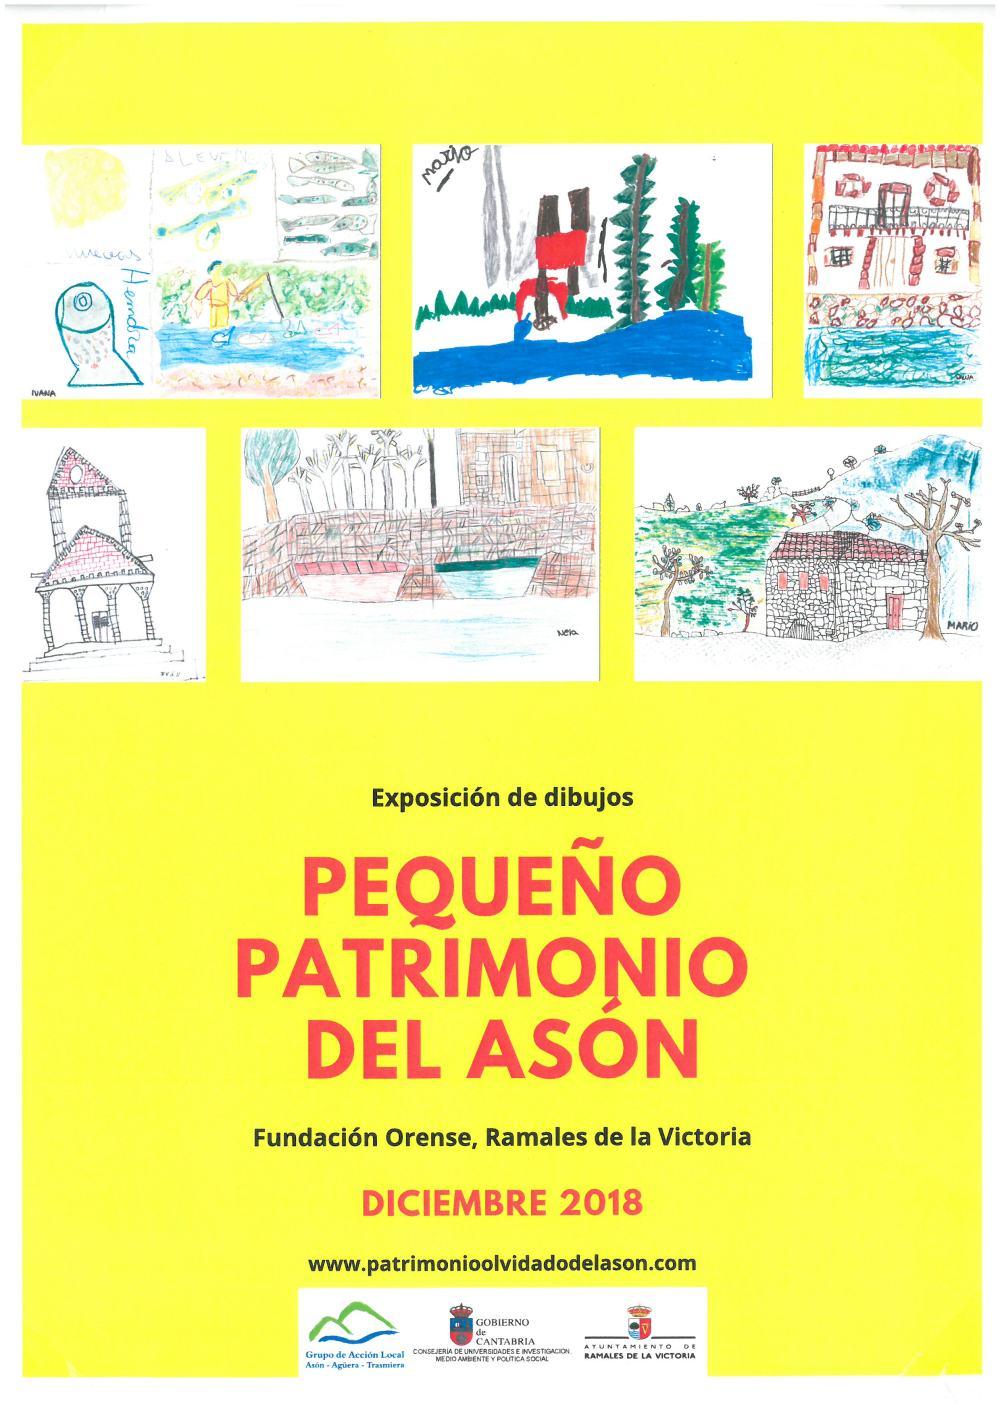 Exposición dibujos